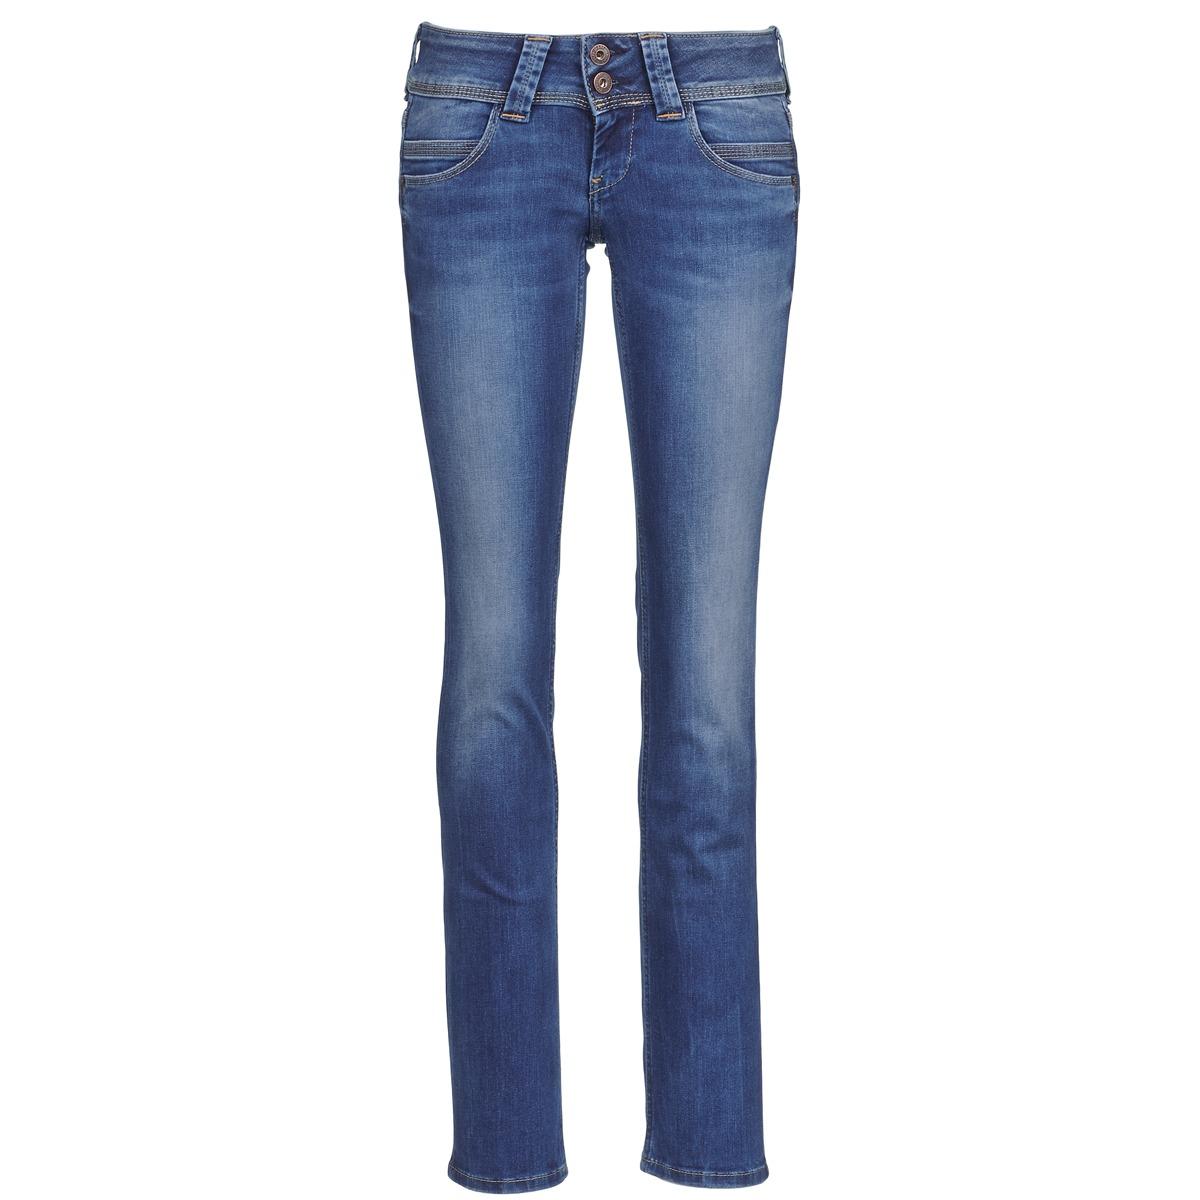 pepe jeans venus blue medium. Black Bedroom Furniture Sets. Home Design Ideas